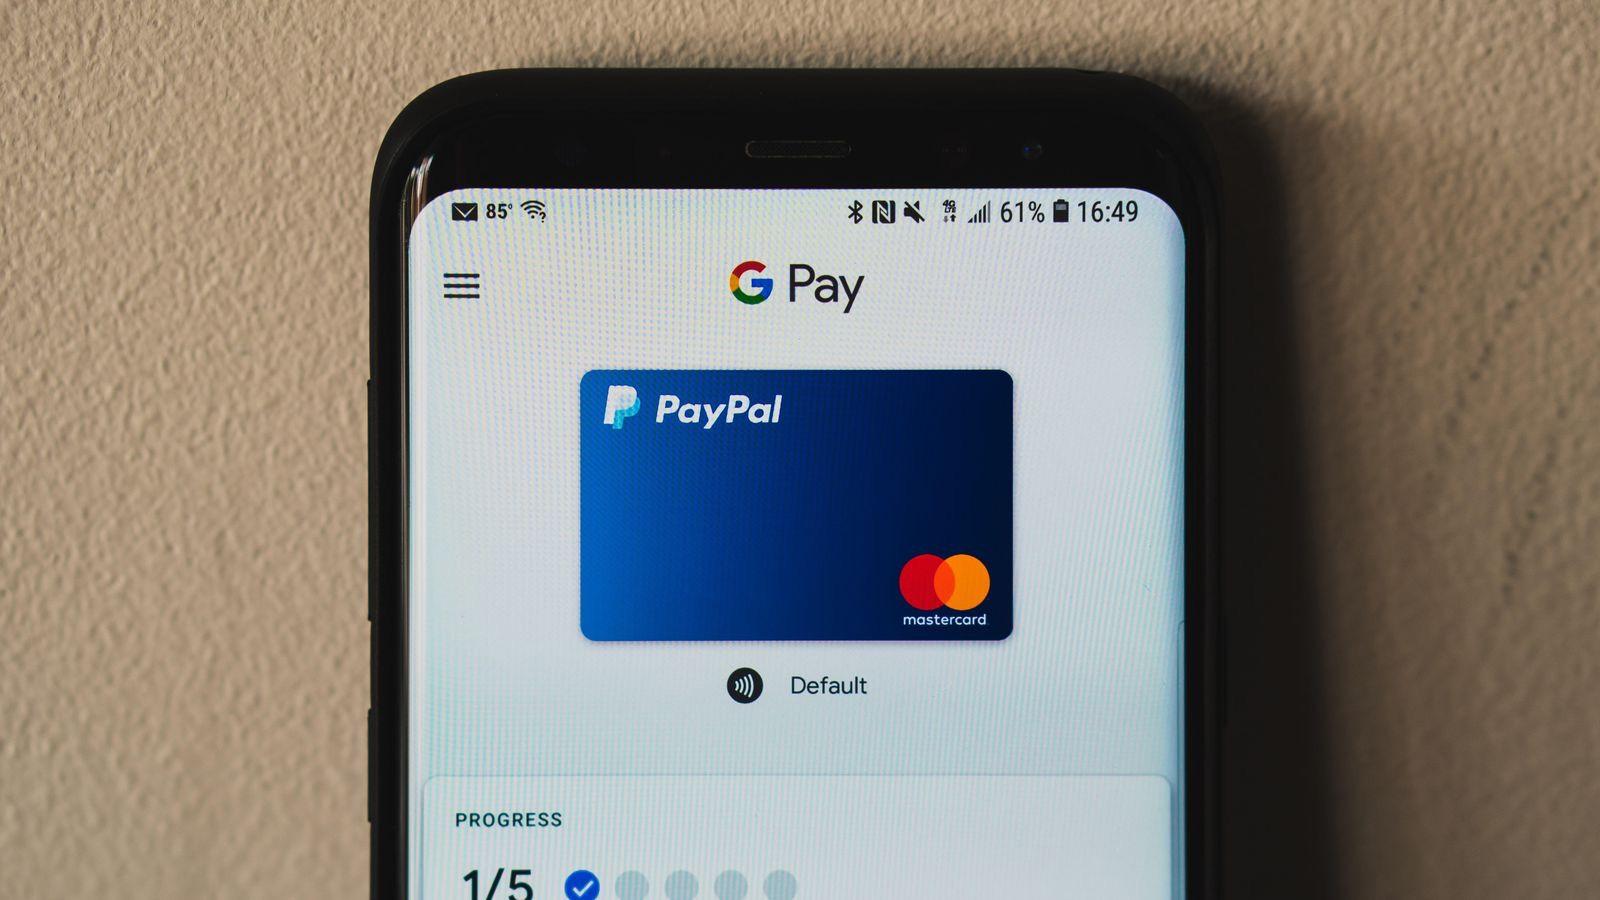 €10 PayPal-Tegoed Bij Betaling Google Pay @ PayPal